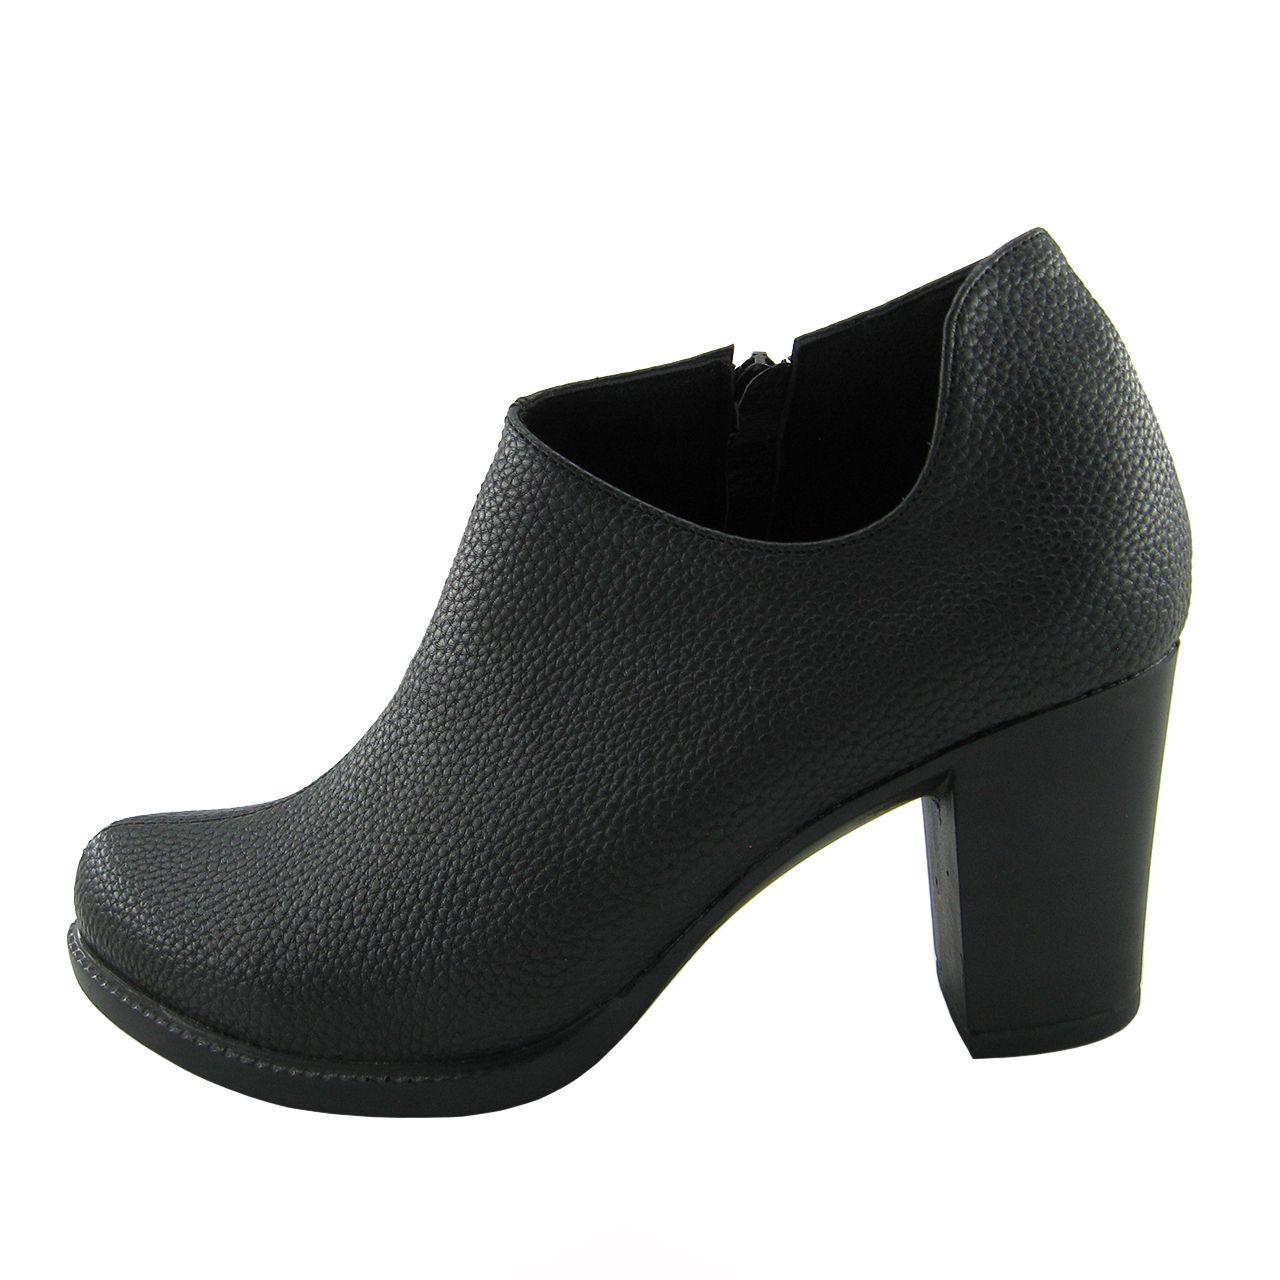 کفش زنانه مدل هلیا کد 01 -  - 2